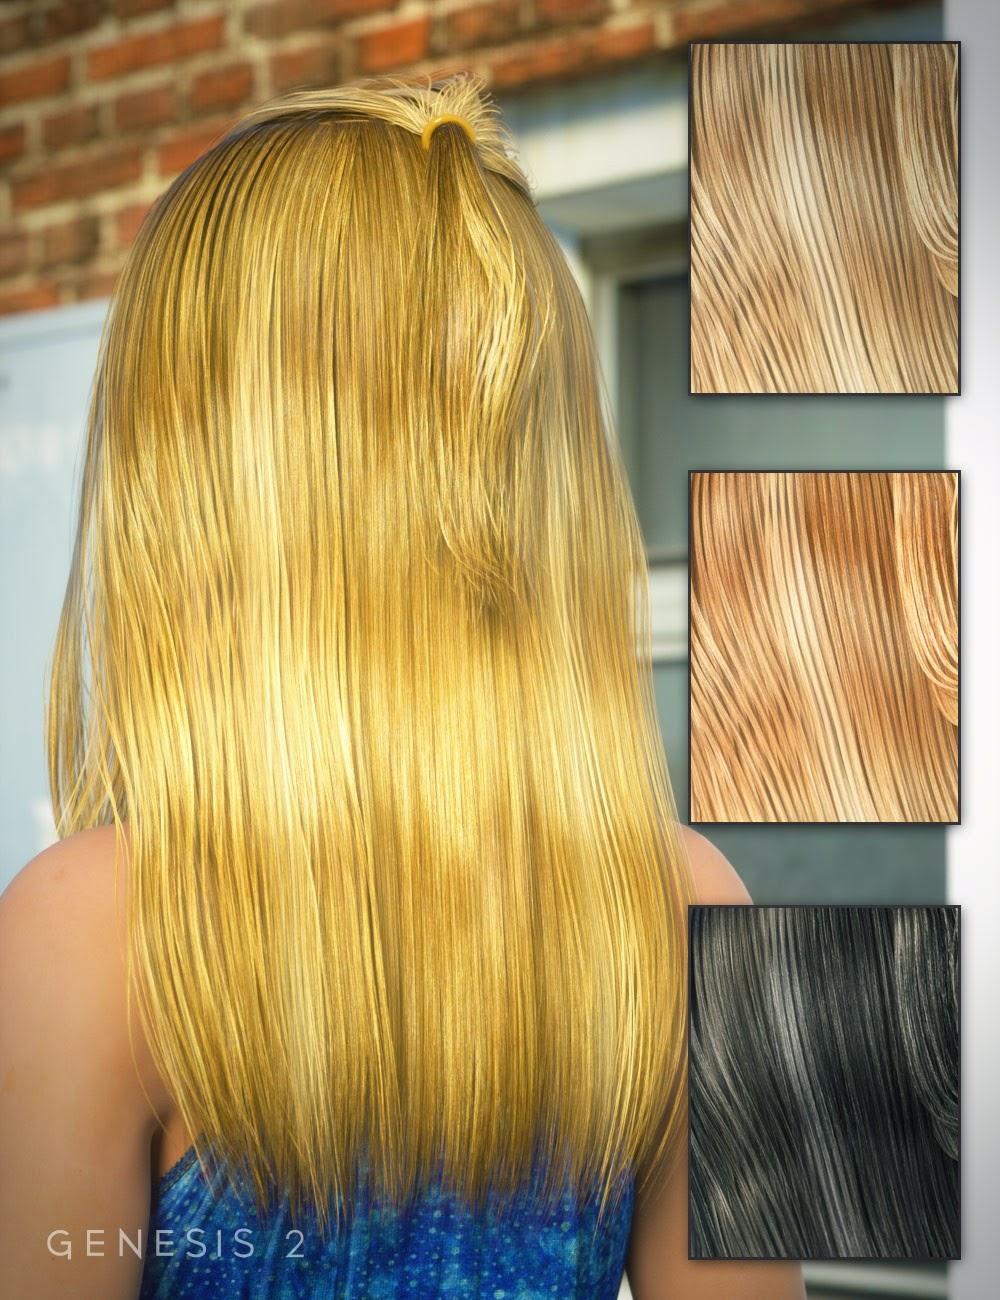 Aubree cheveux pour Genesis 2 Femme